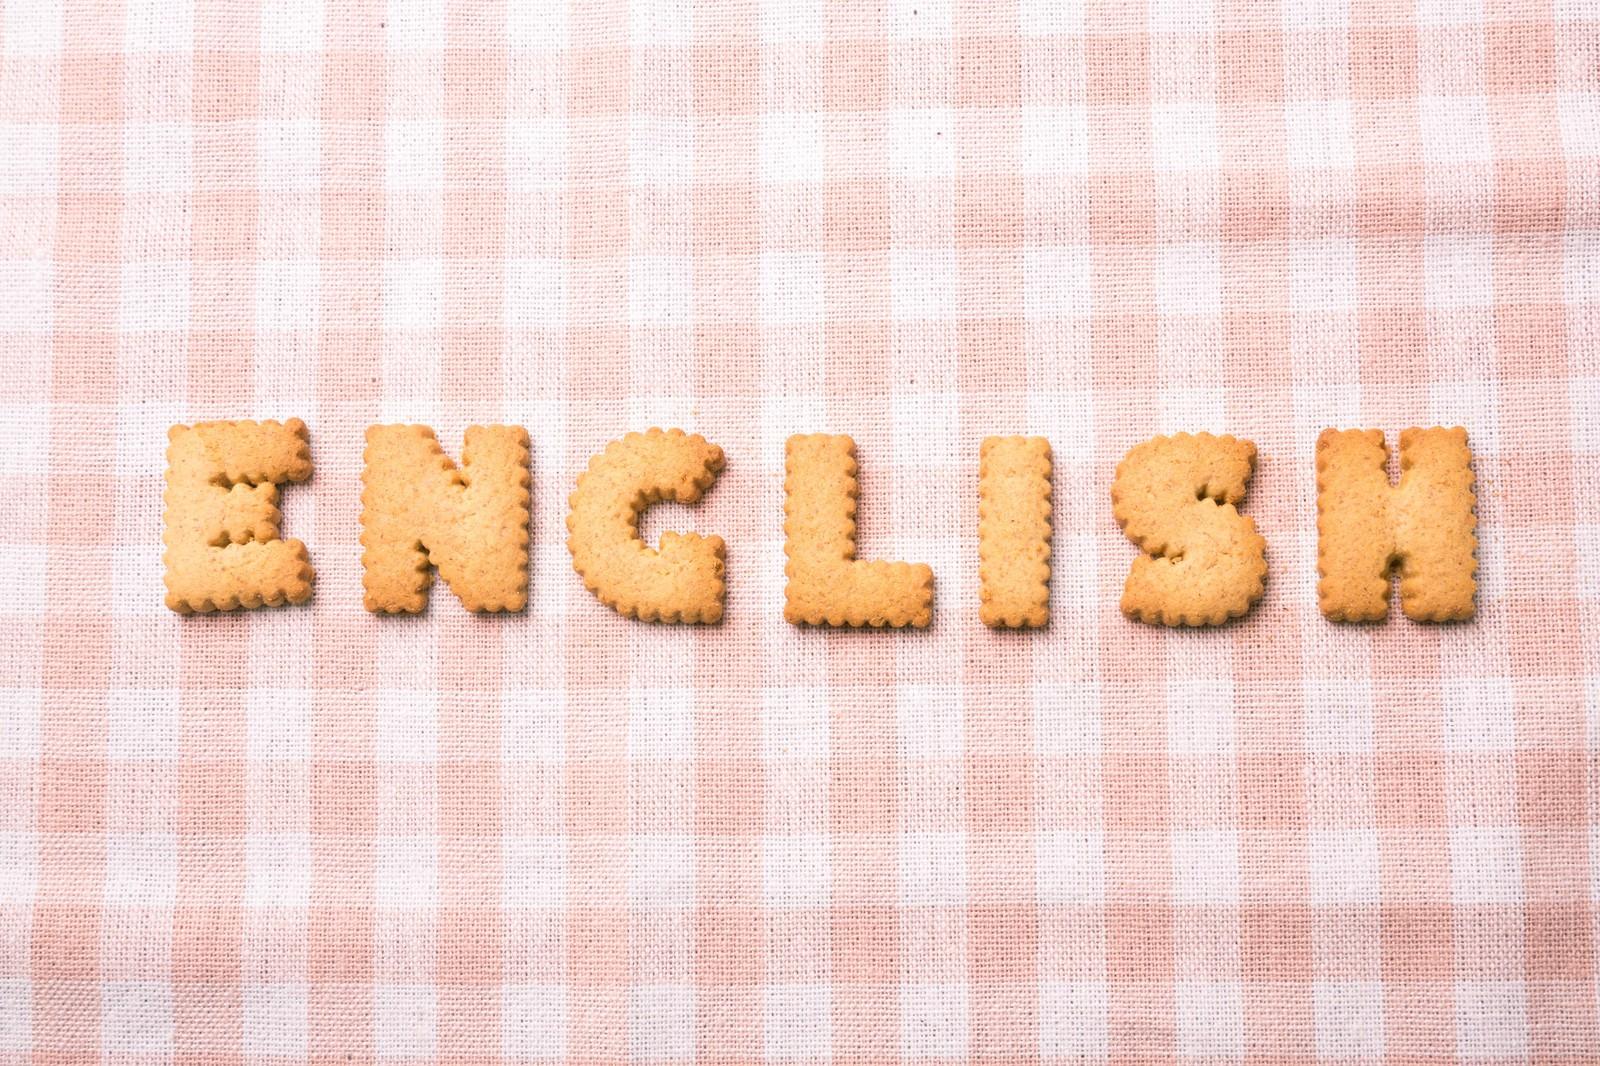 英語初心者が実際にワーホリに行ったら英語力はどれくらい上がったのかの話